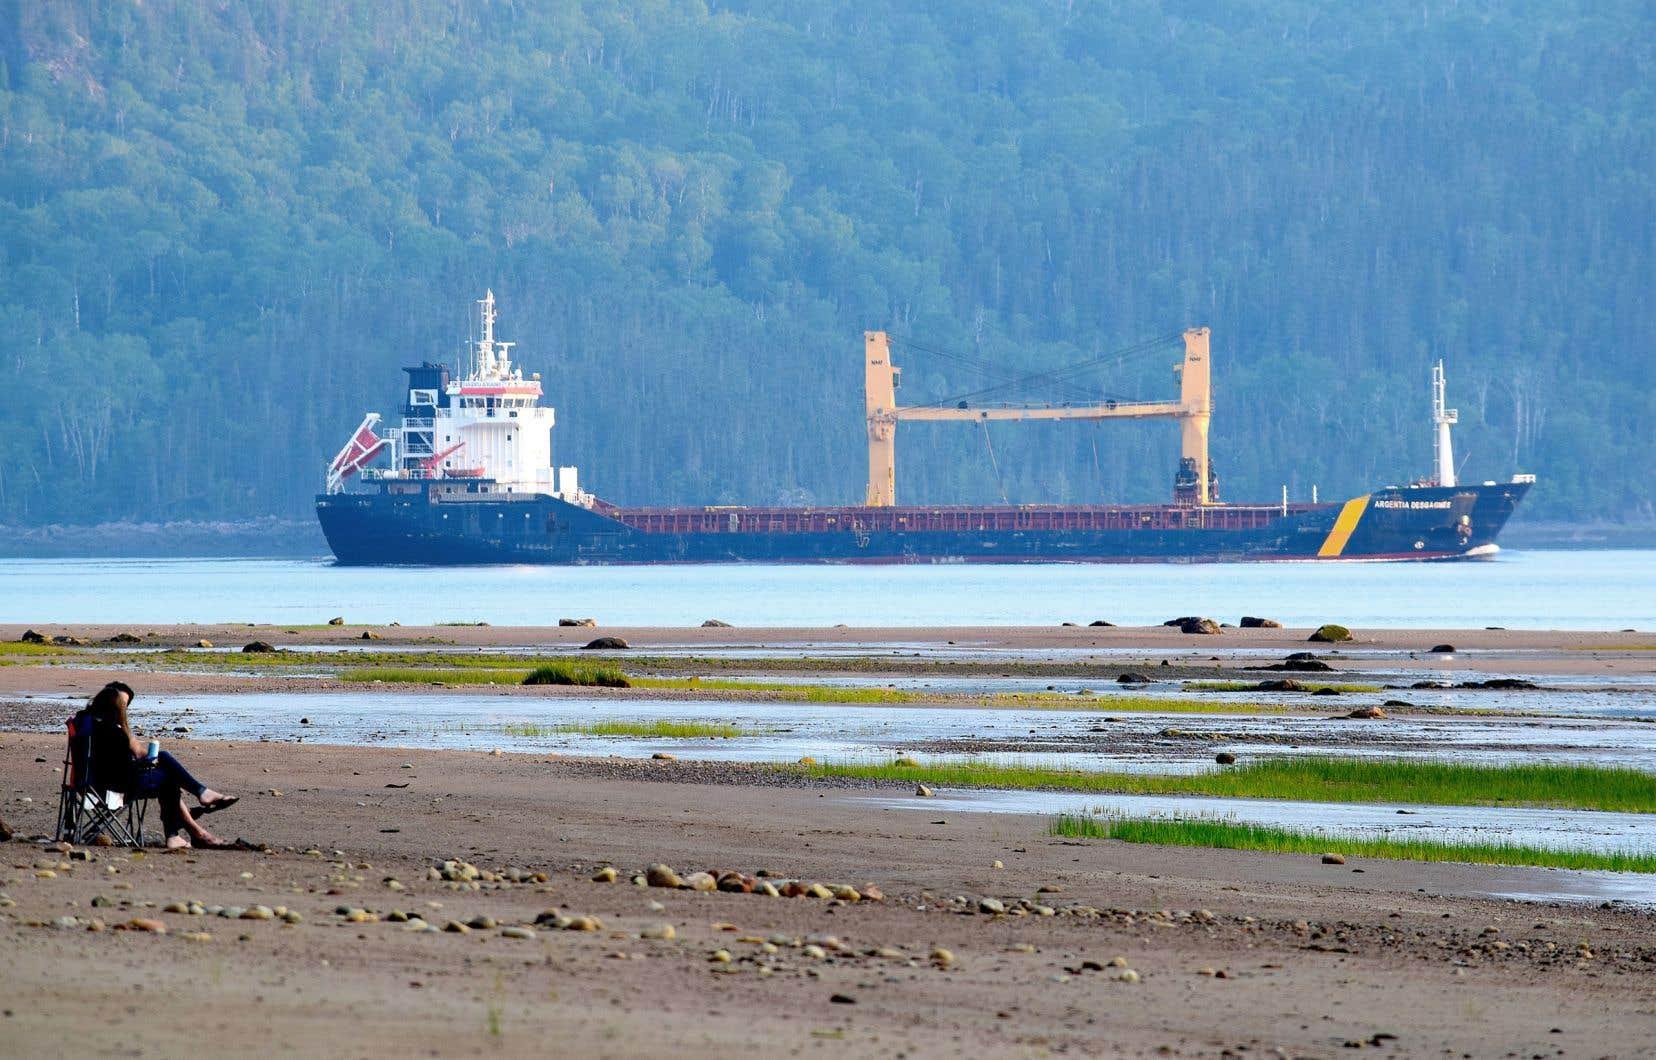 Le nombre de passages de navires sur le Saguenay devrait passer de 450 à près de 1300 par année d'ici 2030.